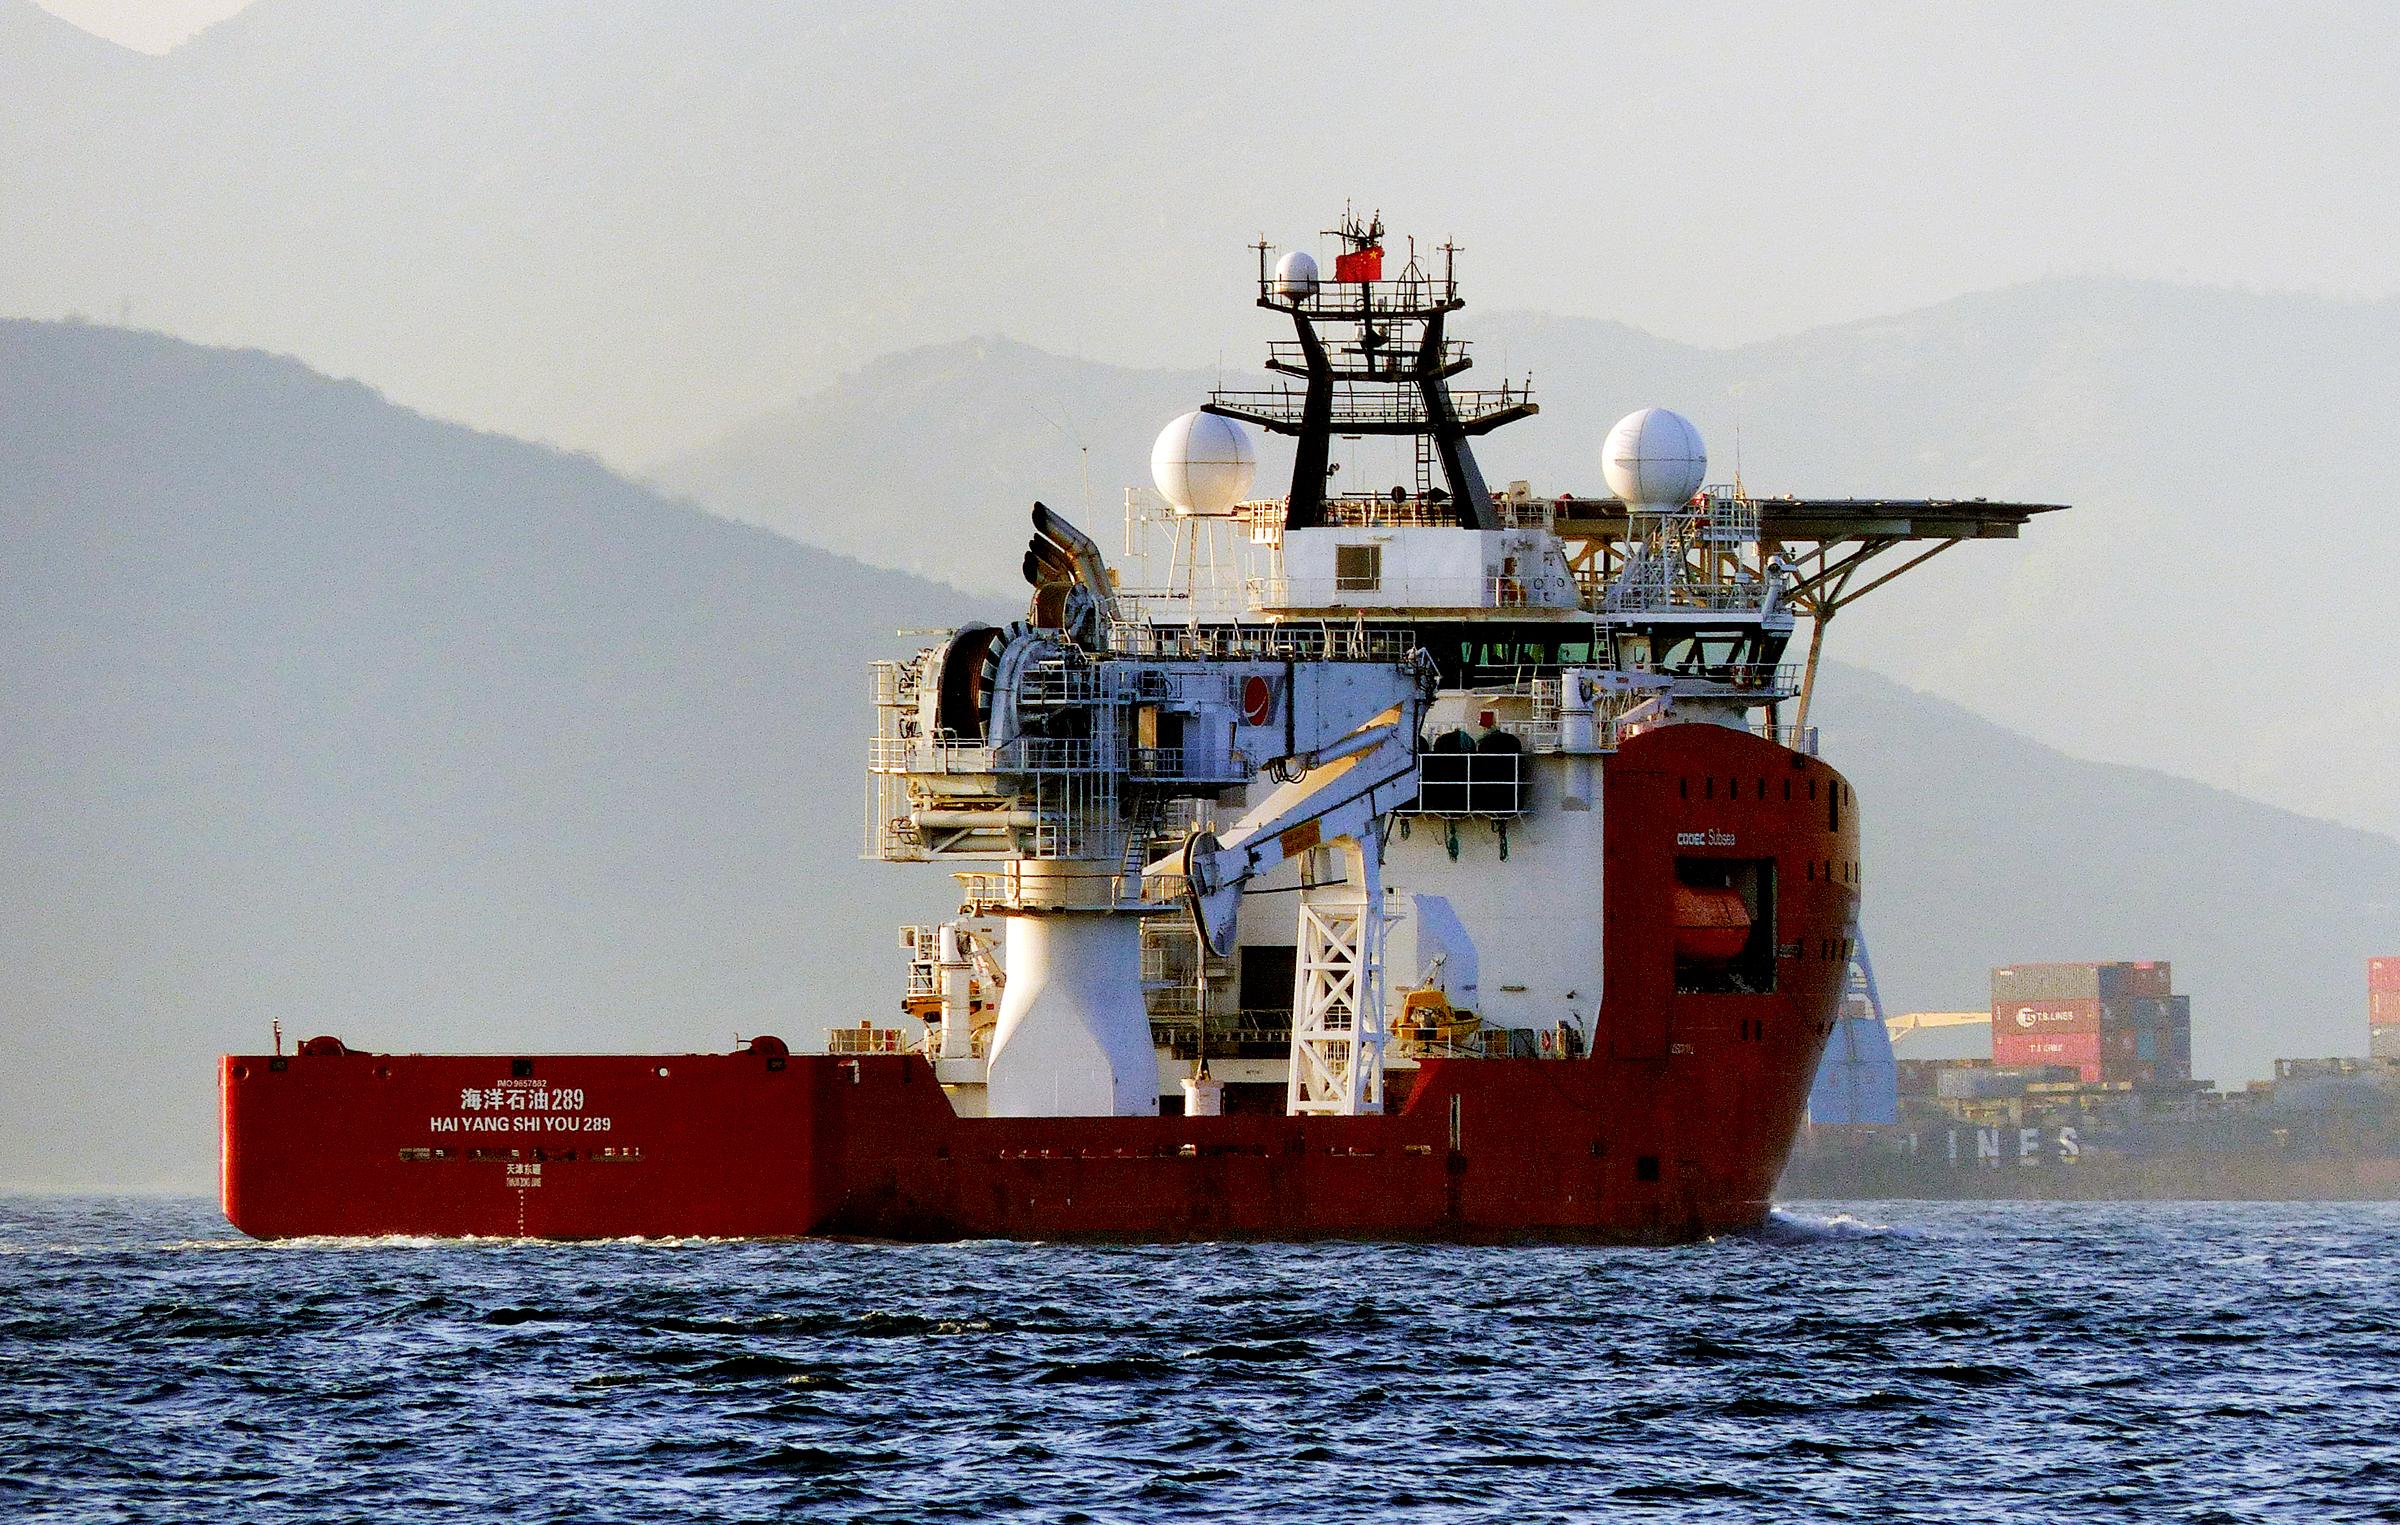 Gambar Laut Lautan Mengangkut Kendaraan Arktik Kapal Kargo Area Publik Pengiriman Lumixfz Bridgecamera Kapal Penarik Hongkong Superzoom